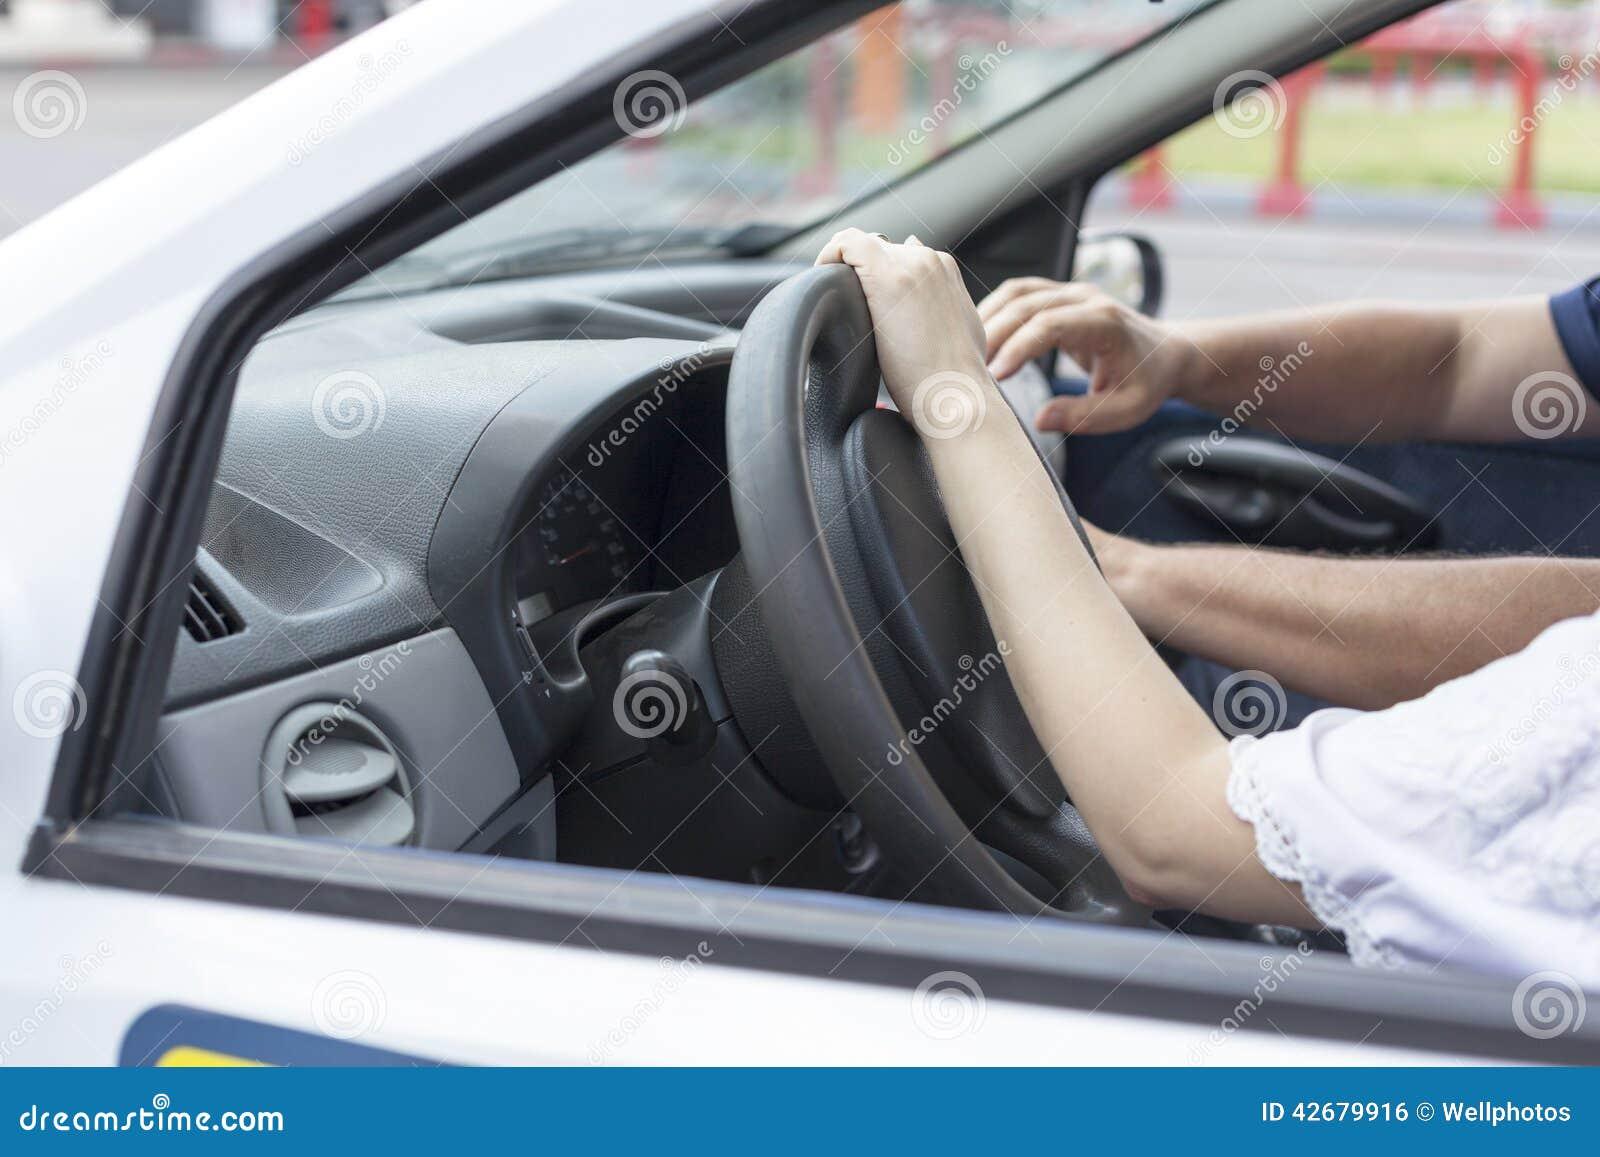 Aprendizagem conduzir um carro